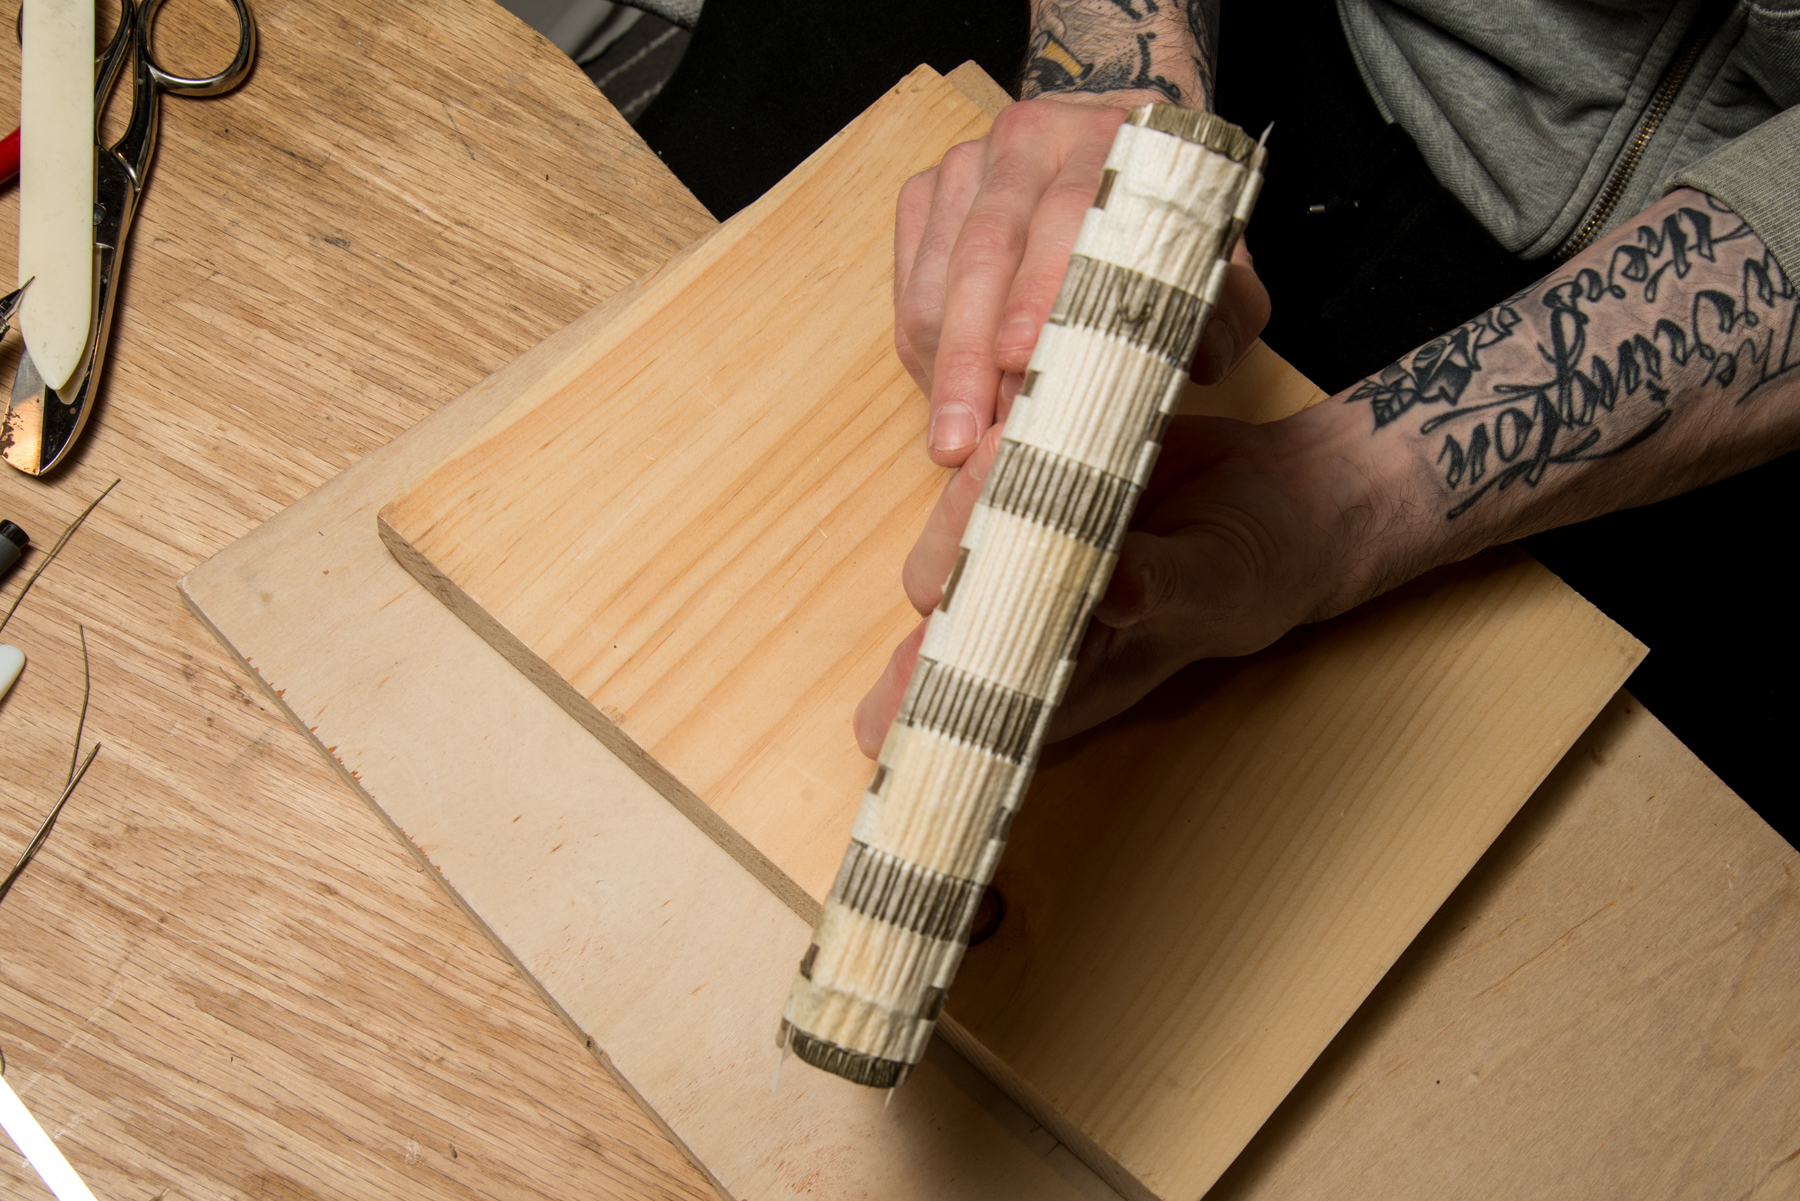 K-118 style binding